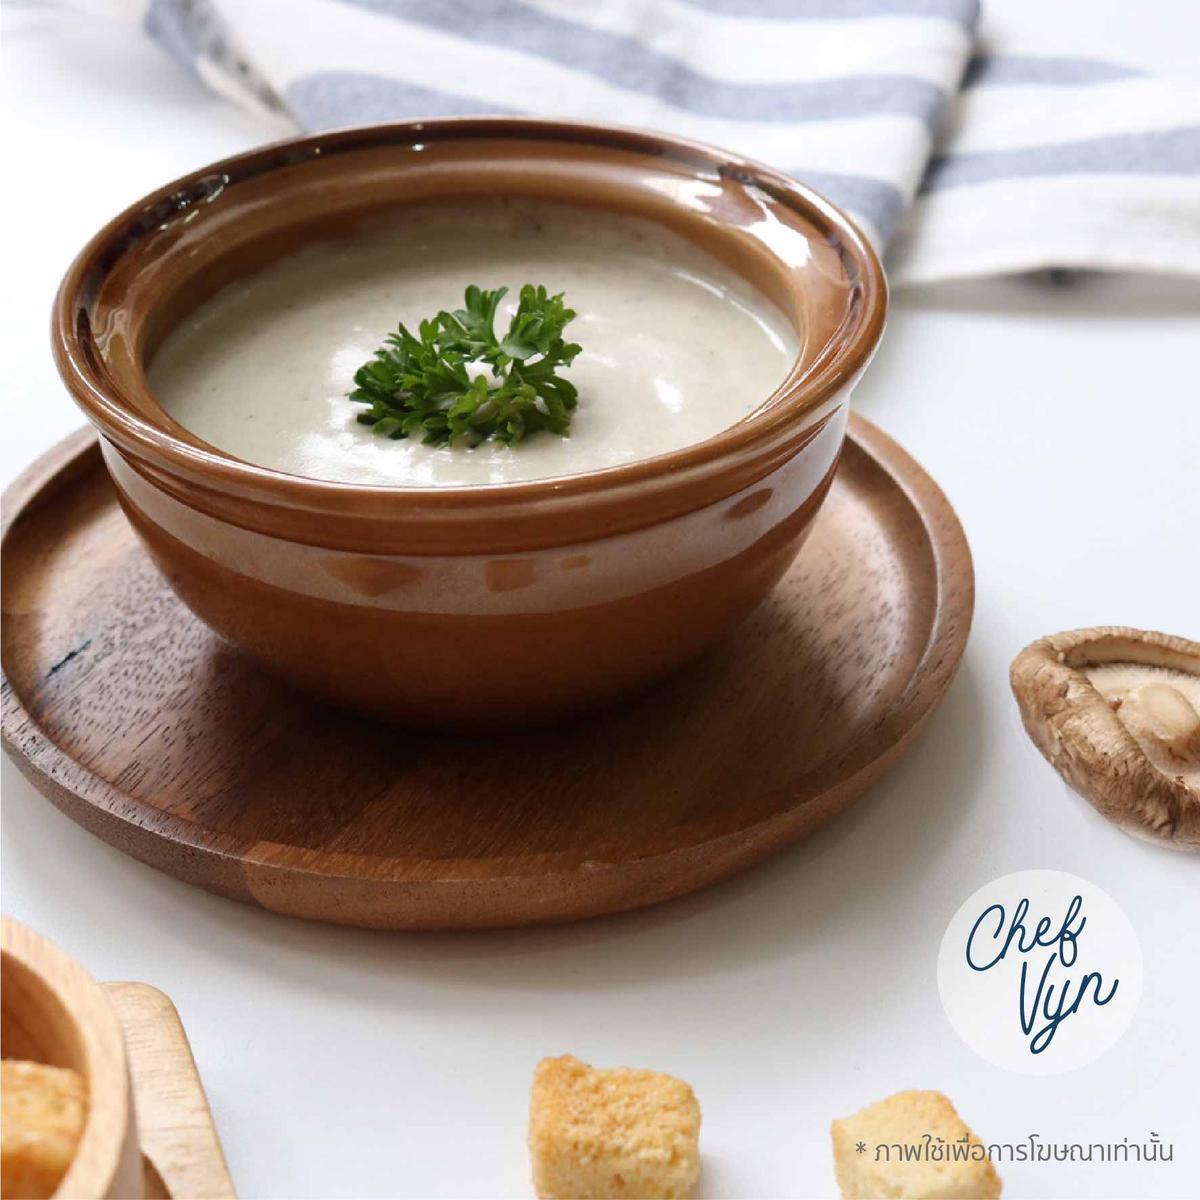 ซุปเพื่อสุขภาพ Healthy Soup_ซุปเห็ดทรัฟเฟิล